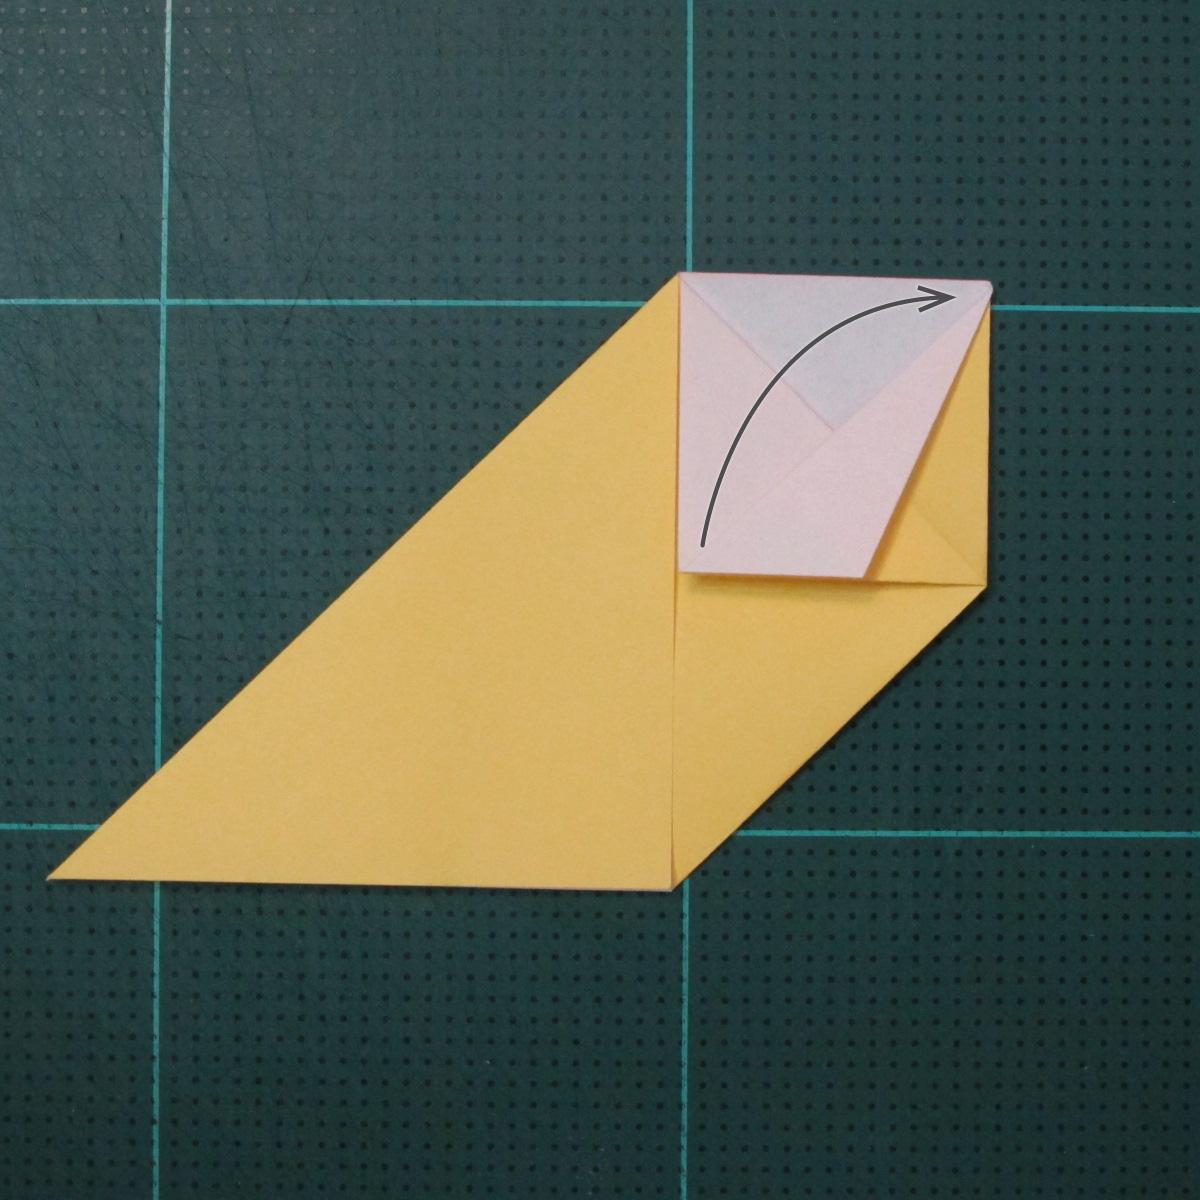 วิธีพับบอลกระดาษแบบเอสเตลล่าฟลอร์ (Estrella Flor Kusudama)006